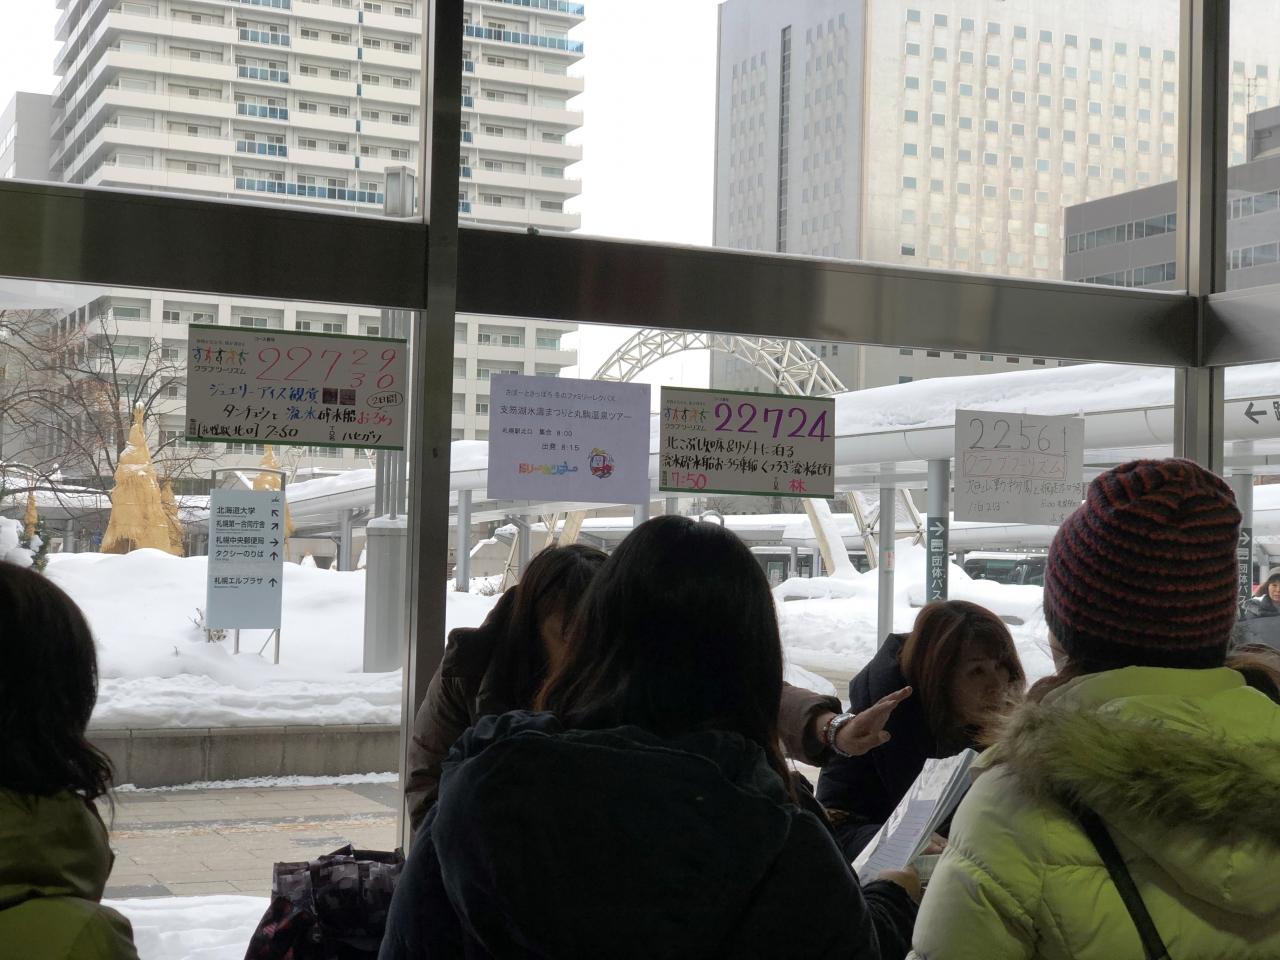 『ツアー集合場所の「鐘の広場」は北口です』by ゆんこさん ...